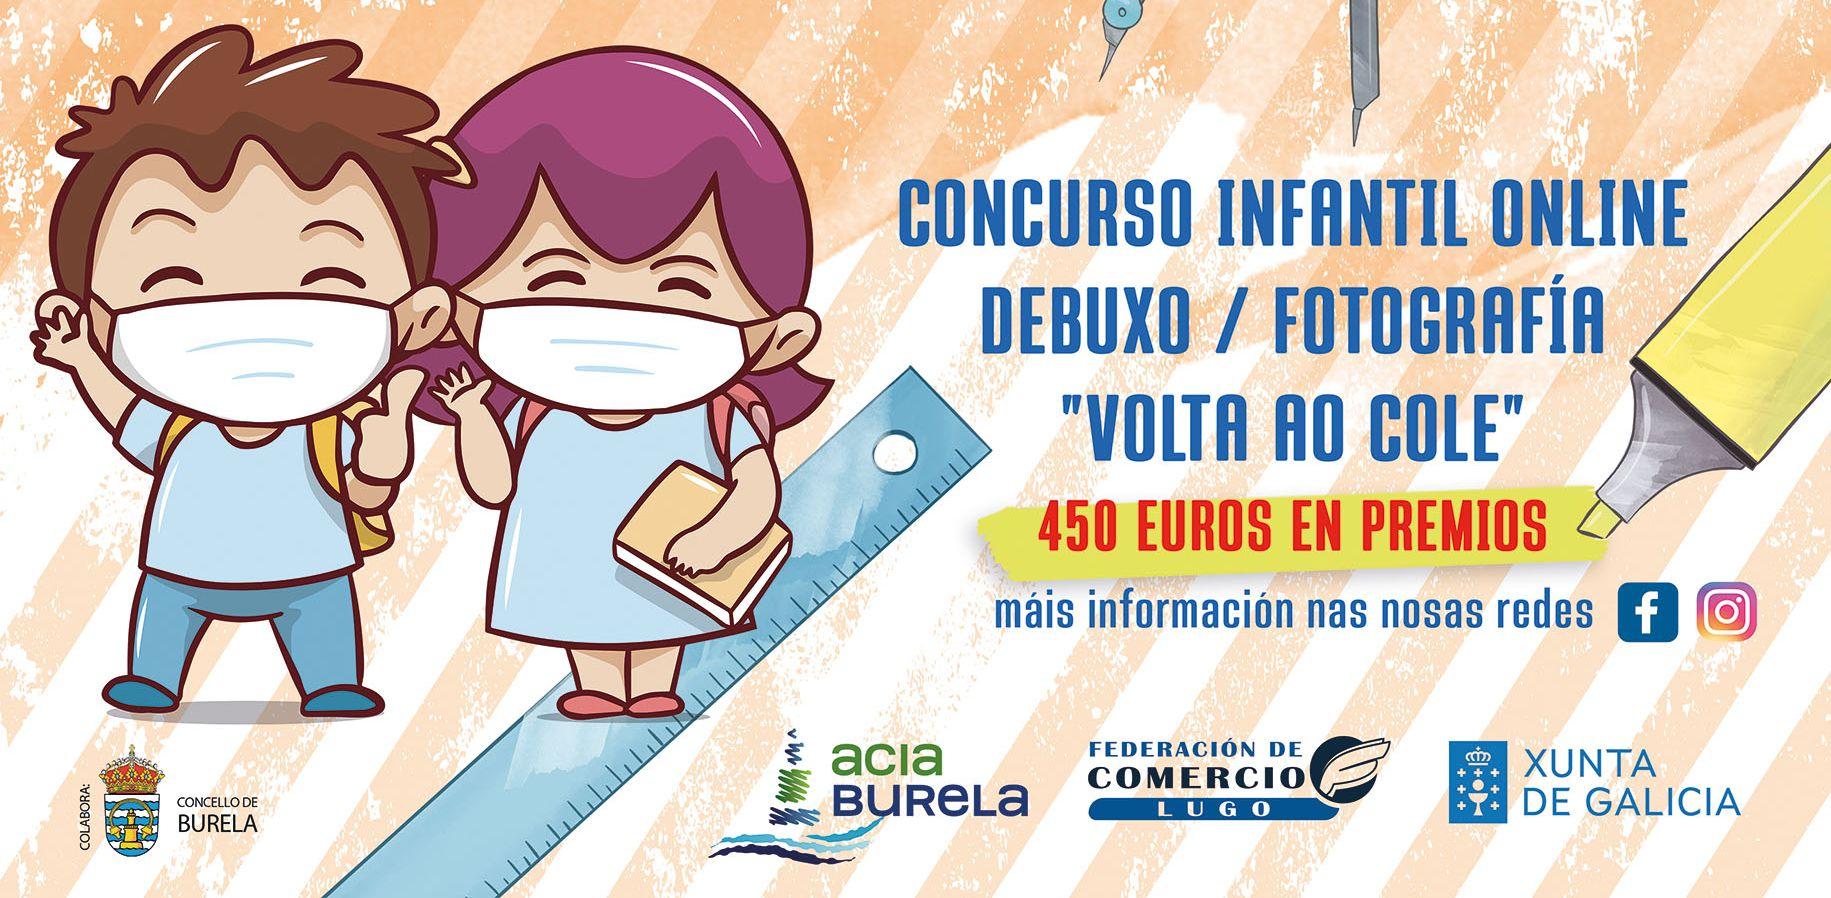 ACIA Burela lanza a campaña de volta ao cole cun concurso en liña e vales de compra